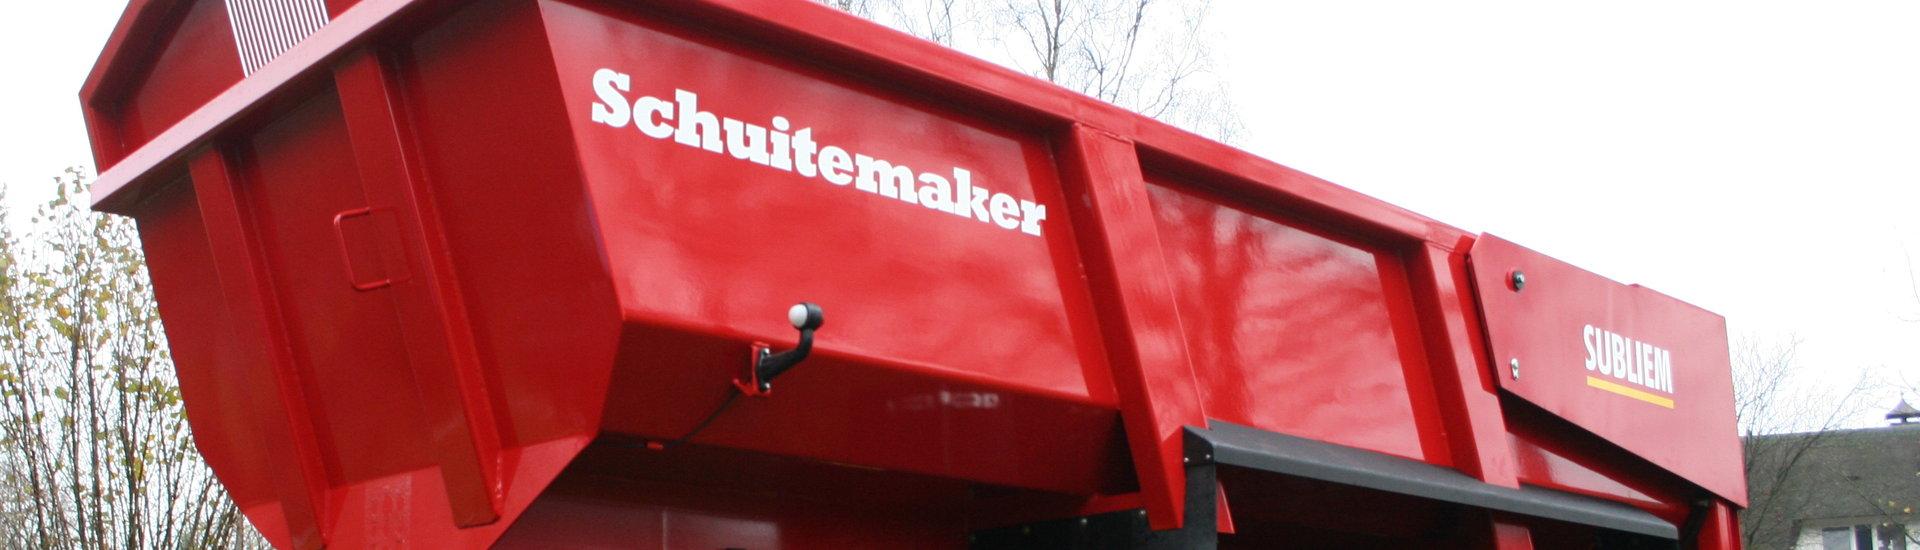 Schuitemaker Subliem Schuttkipper